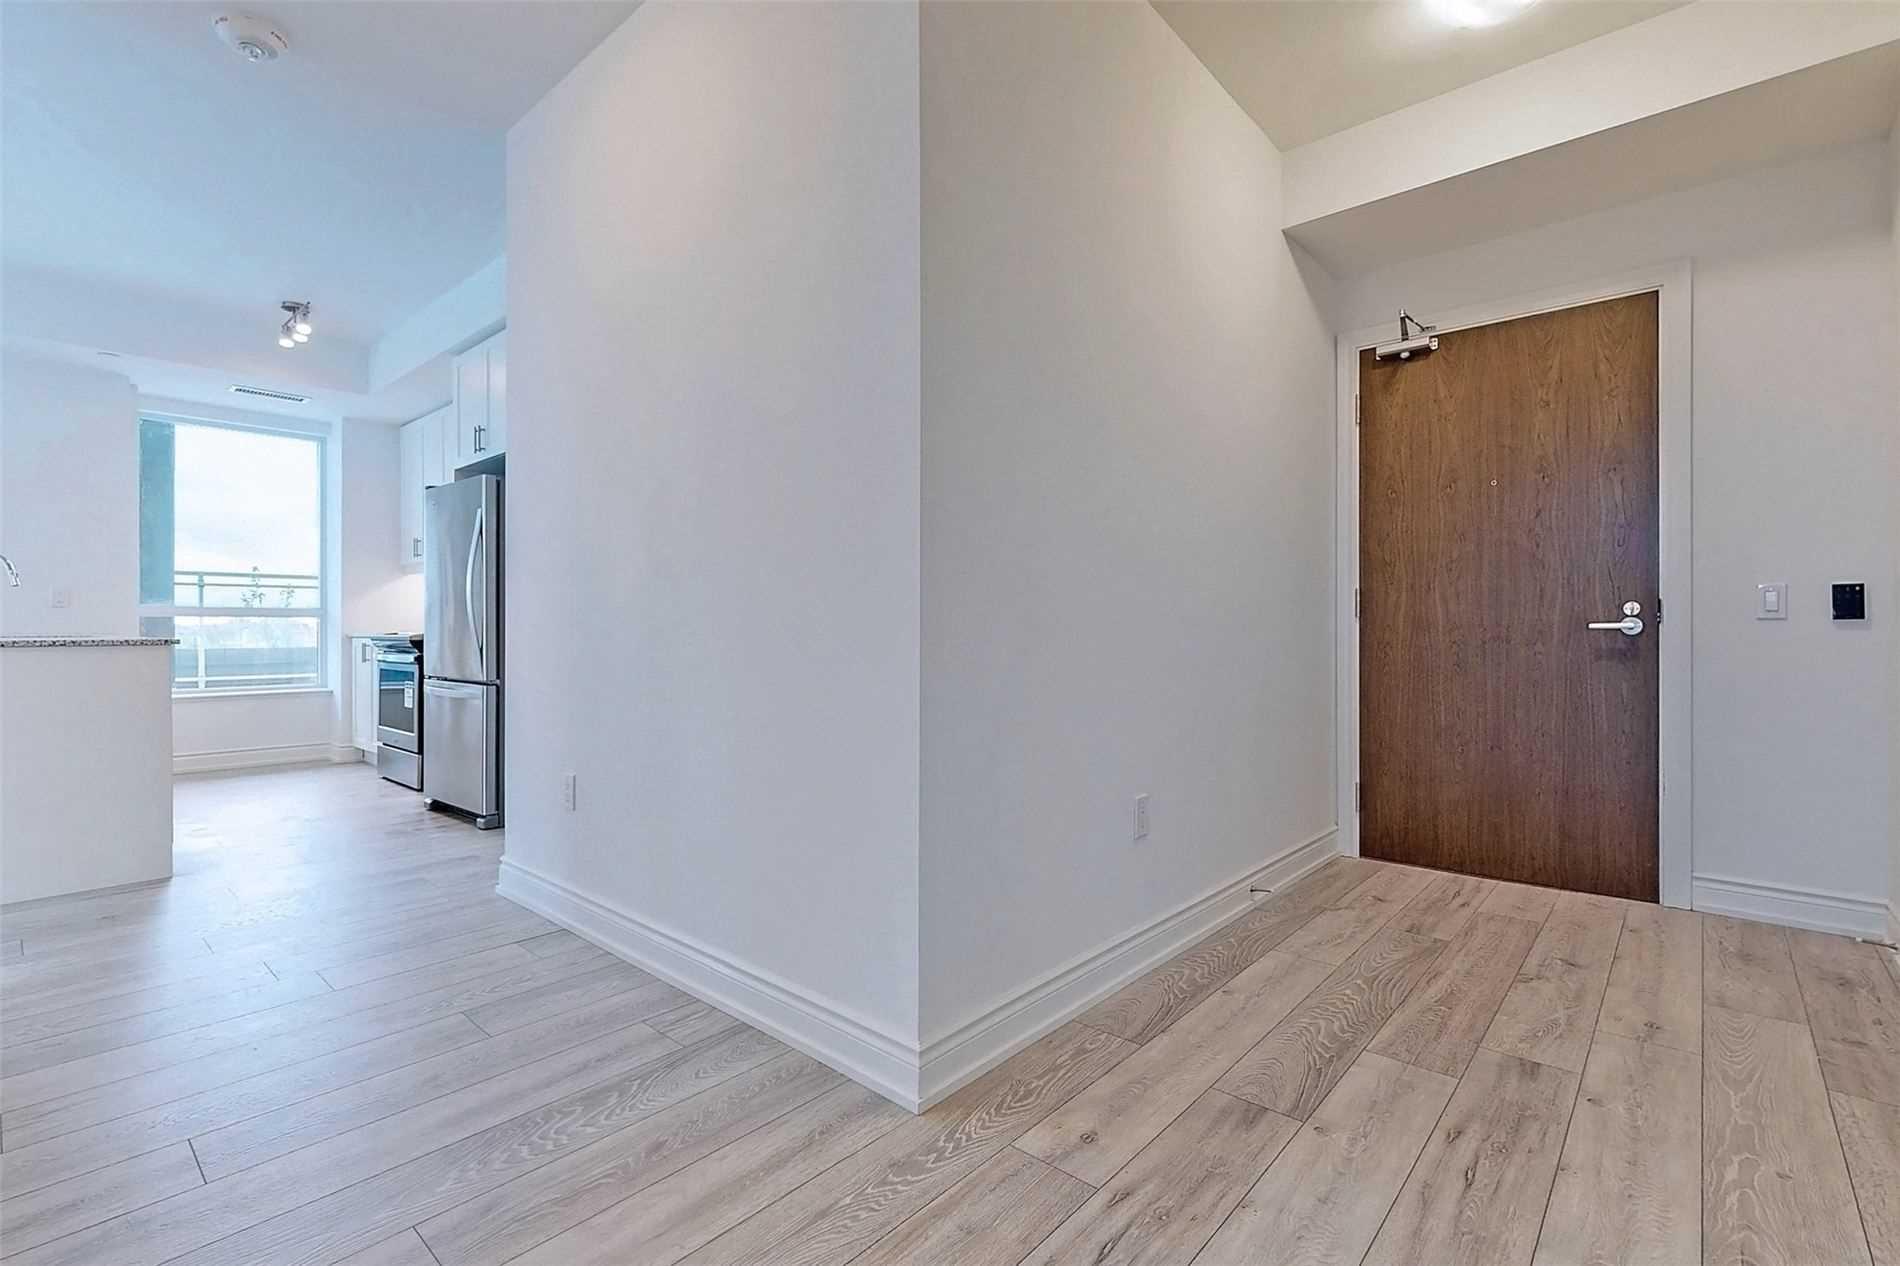 221 - 1050 Main St E - Dempsey Condo Apt for sale, 3 Bedrooms (W5398557) - #29